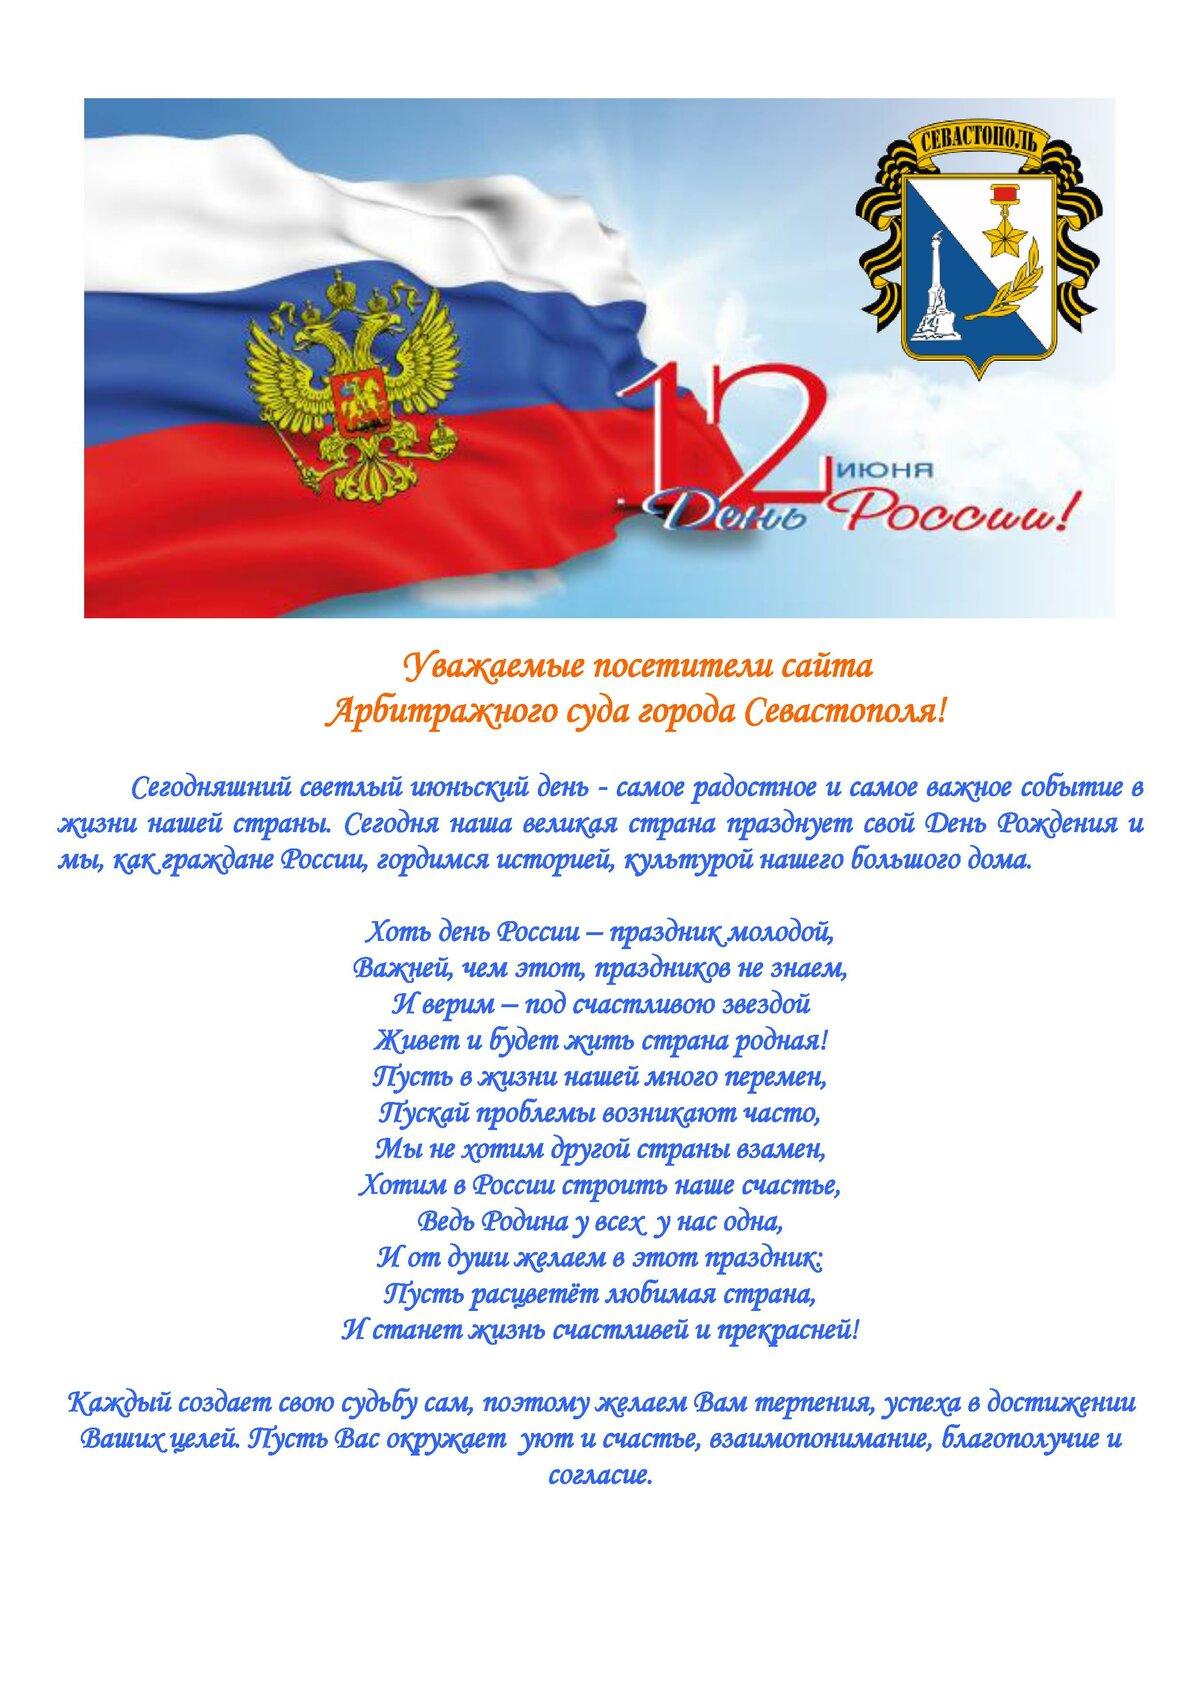 День россии текст поздравления официальные